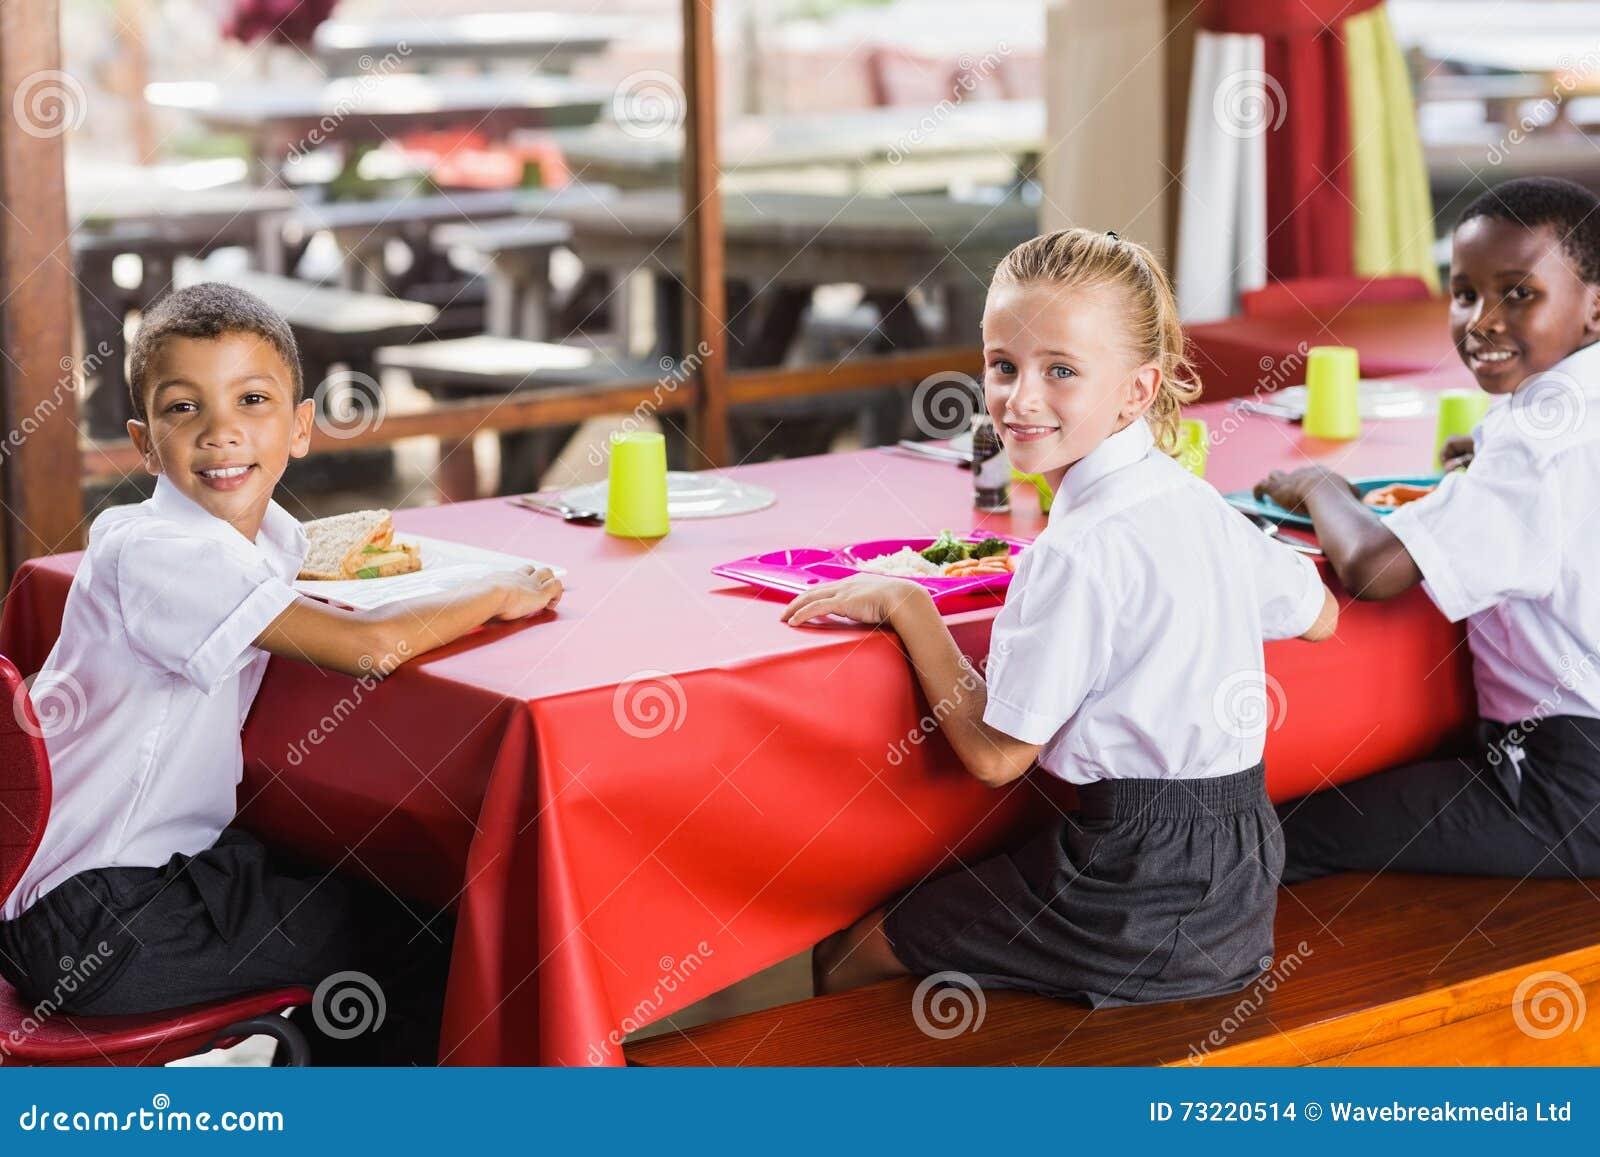 Παιδιά που έχουν το μεσημεριανό γεύμα κατά τη διάρκεια του χρόνου σπασιμάτων στη σχολική καφετέρια